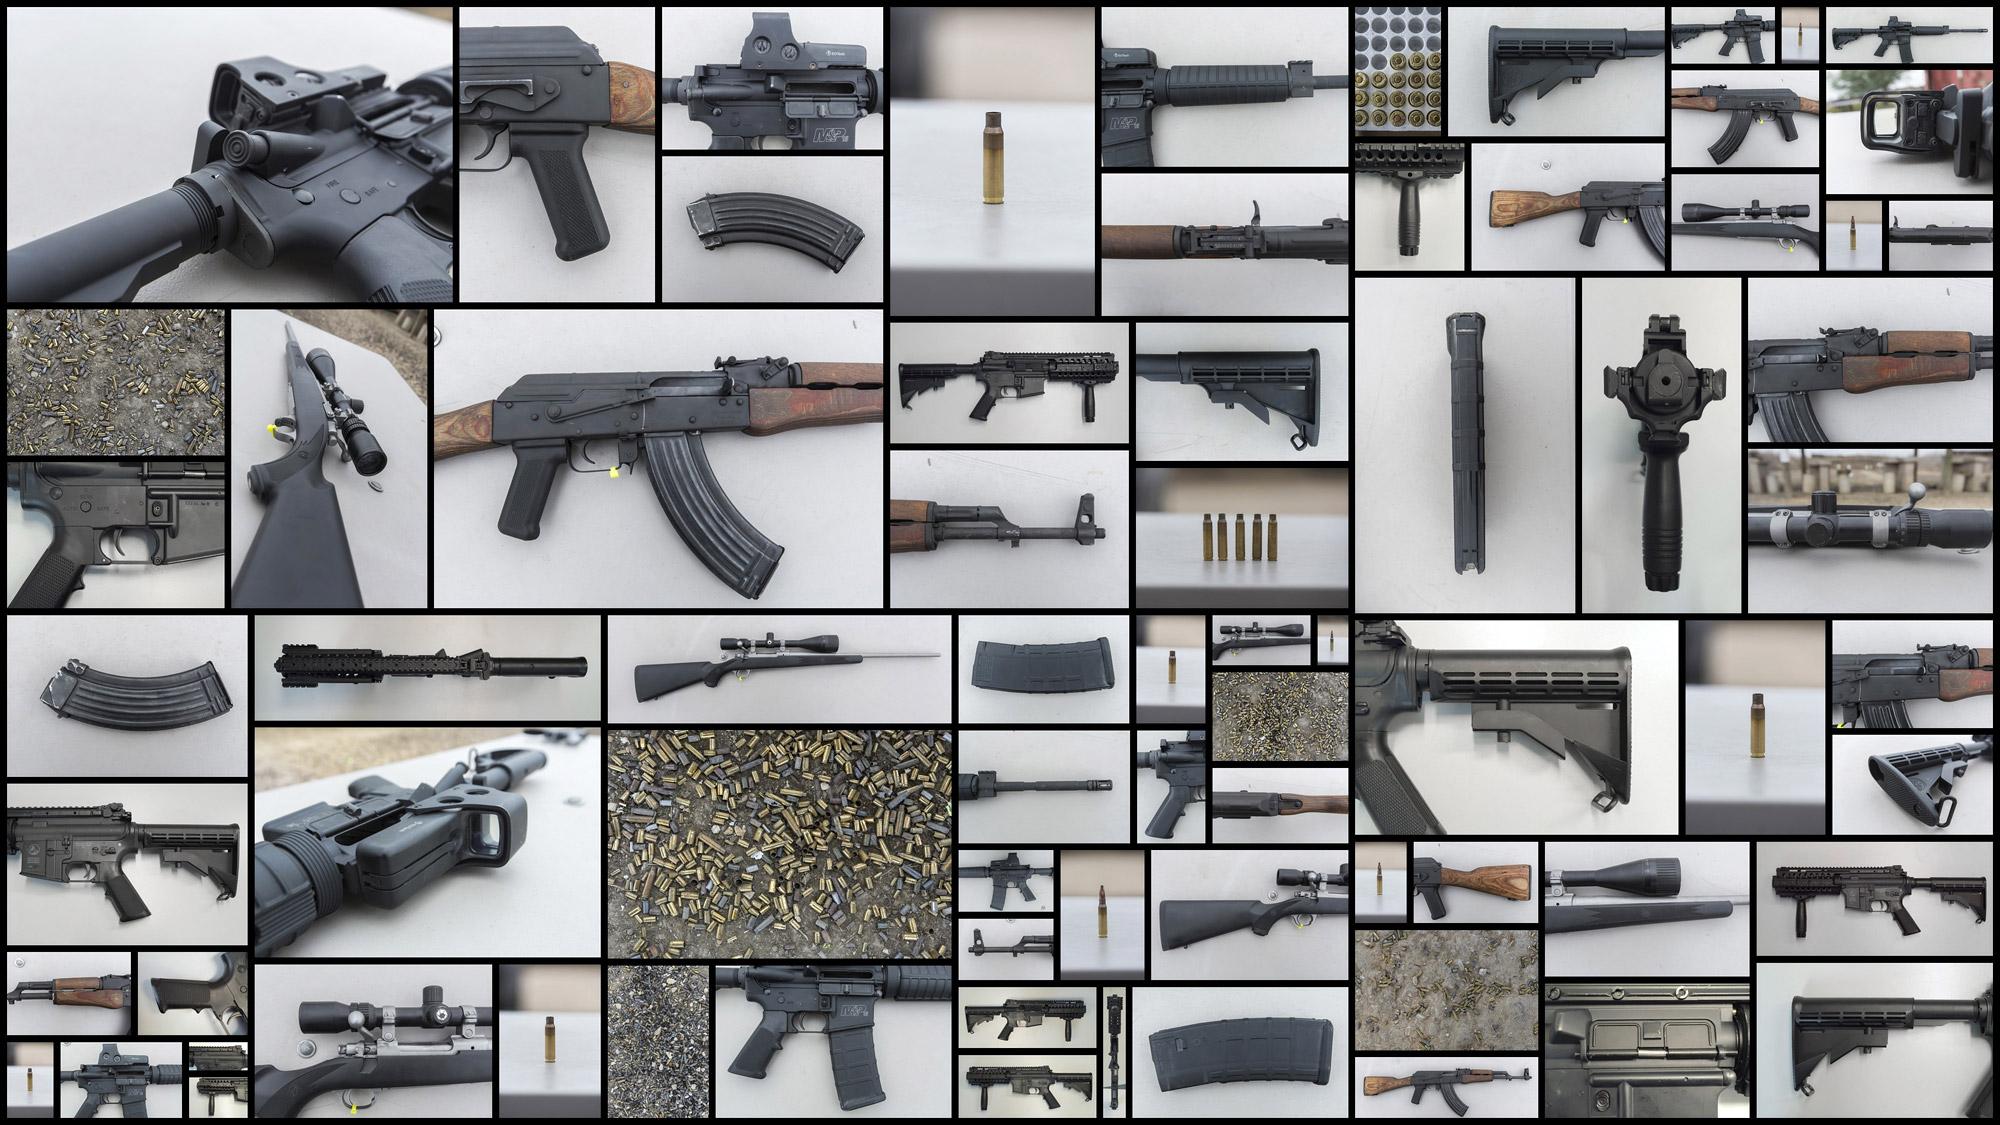 Bullets-&-Firearms.jpg